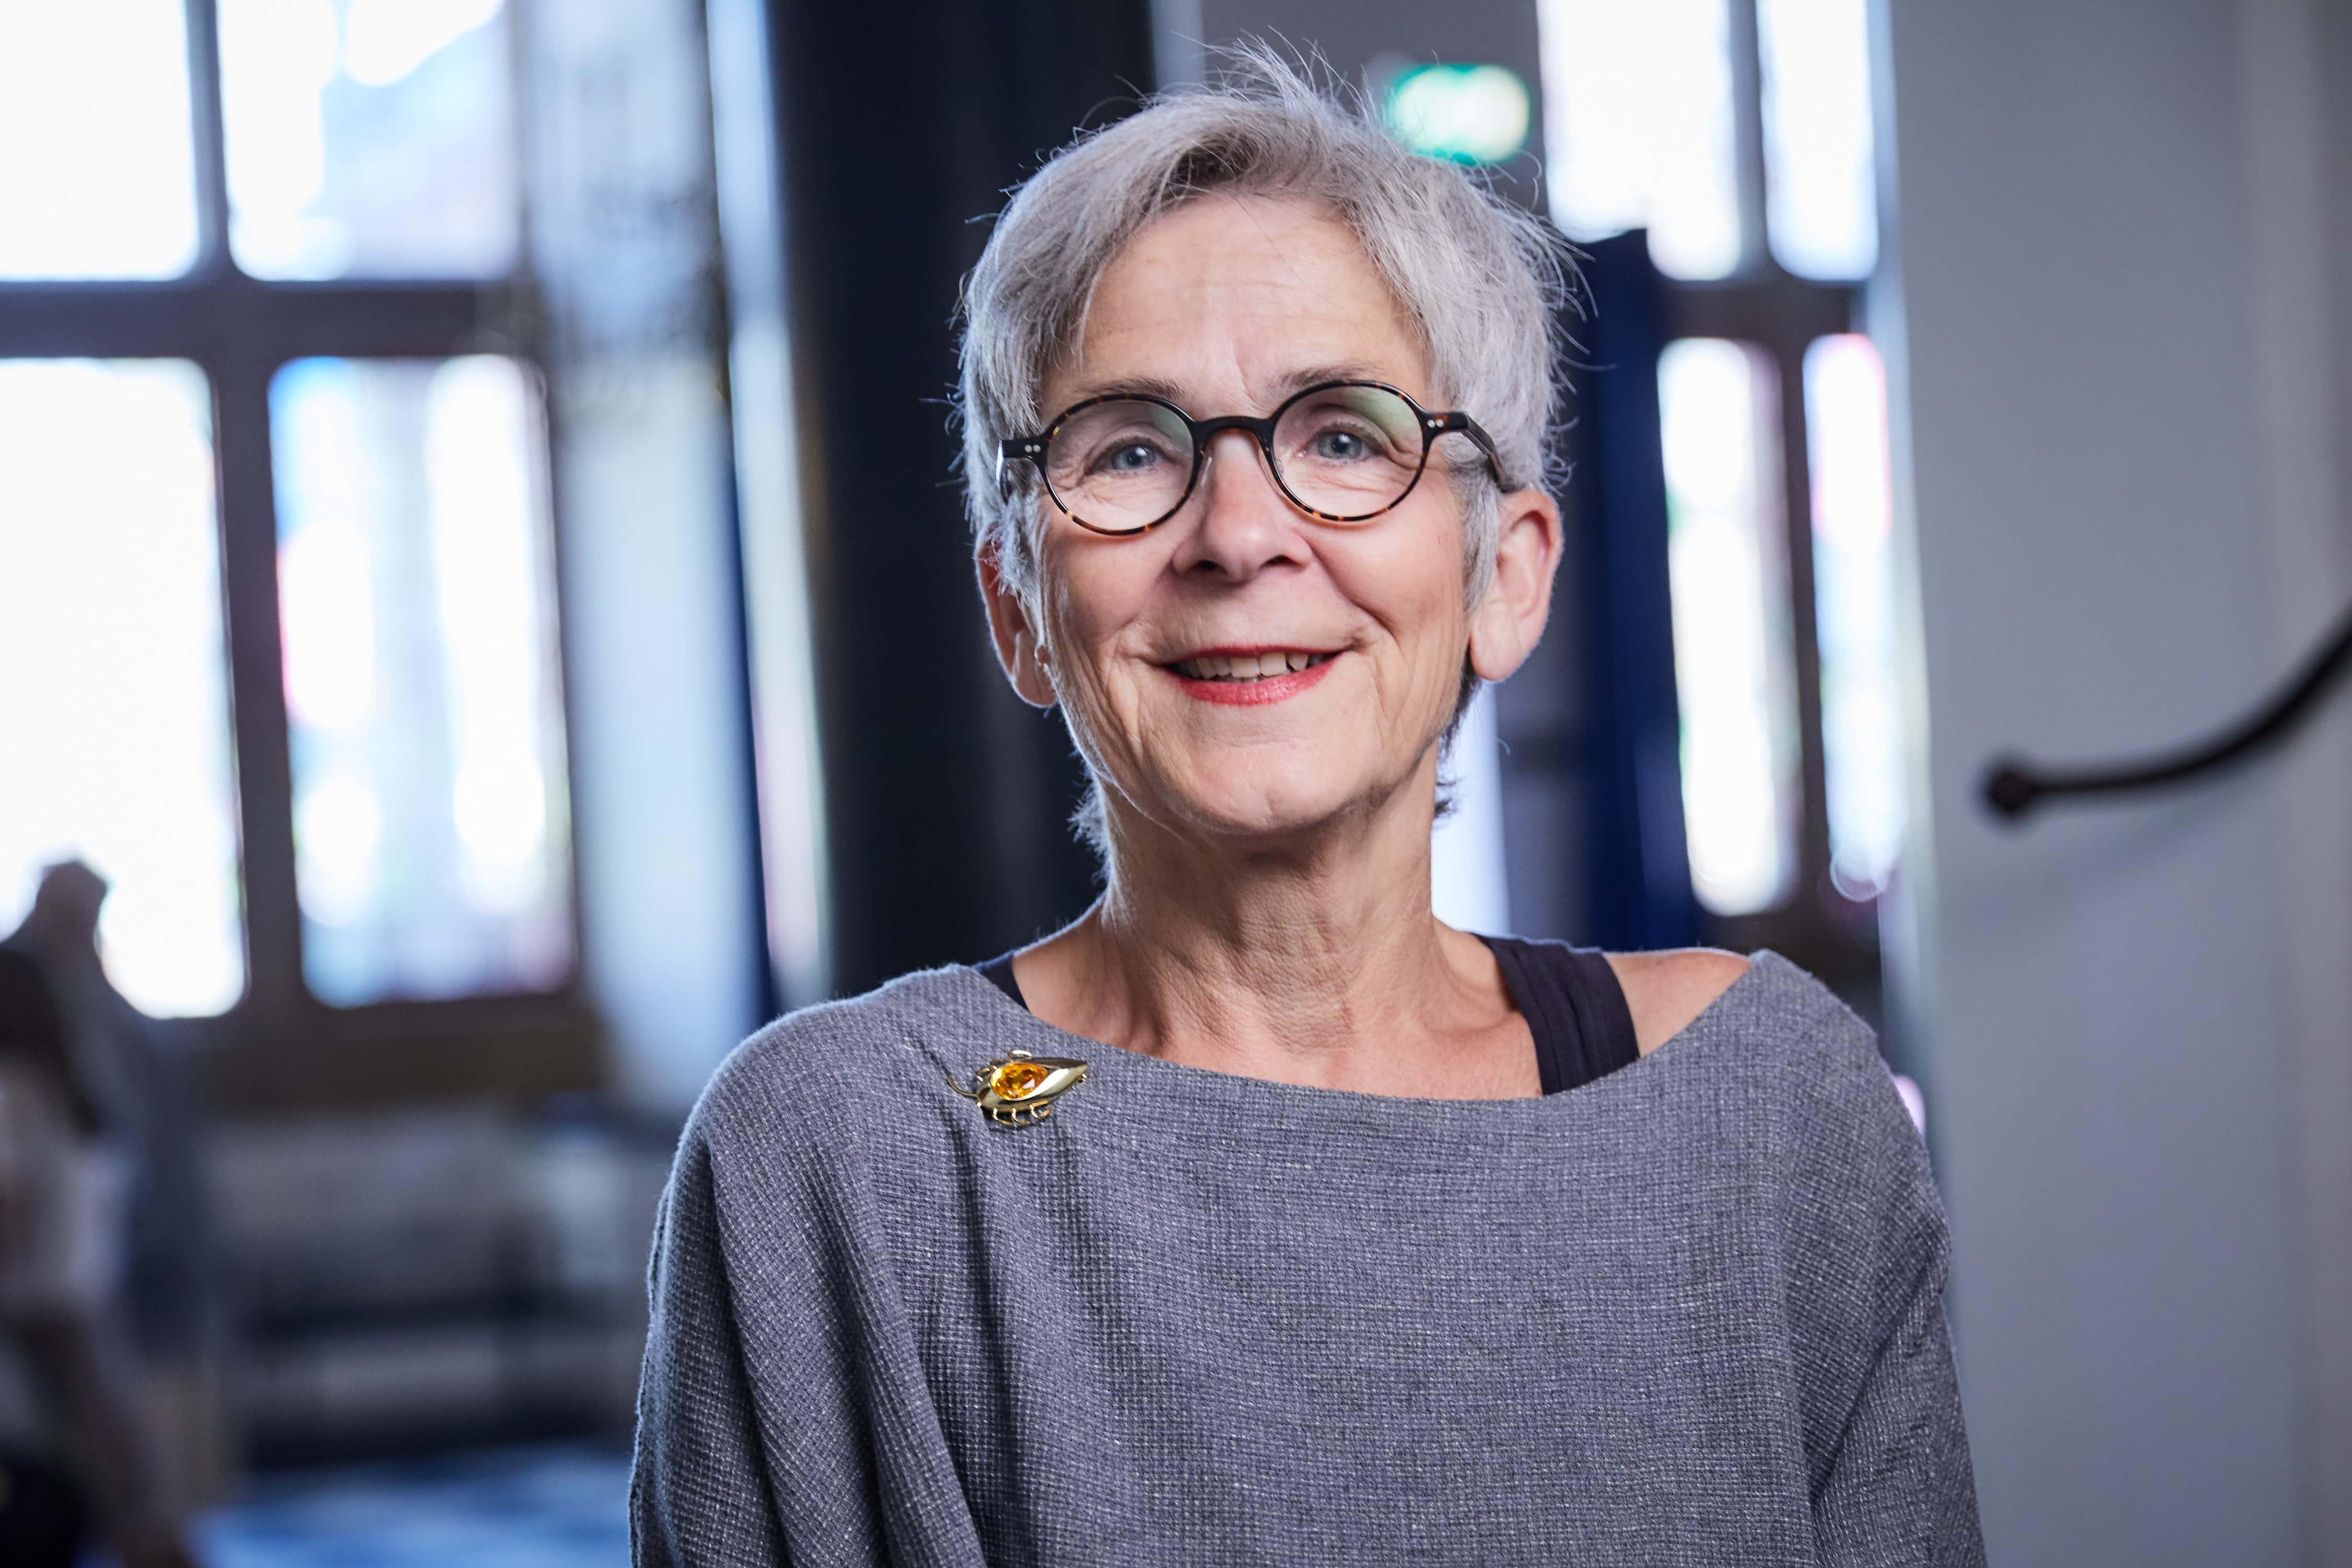 Karin Schrederhof